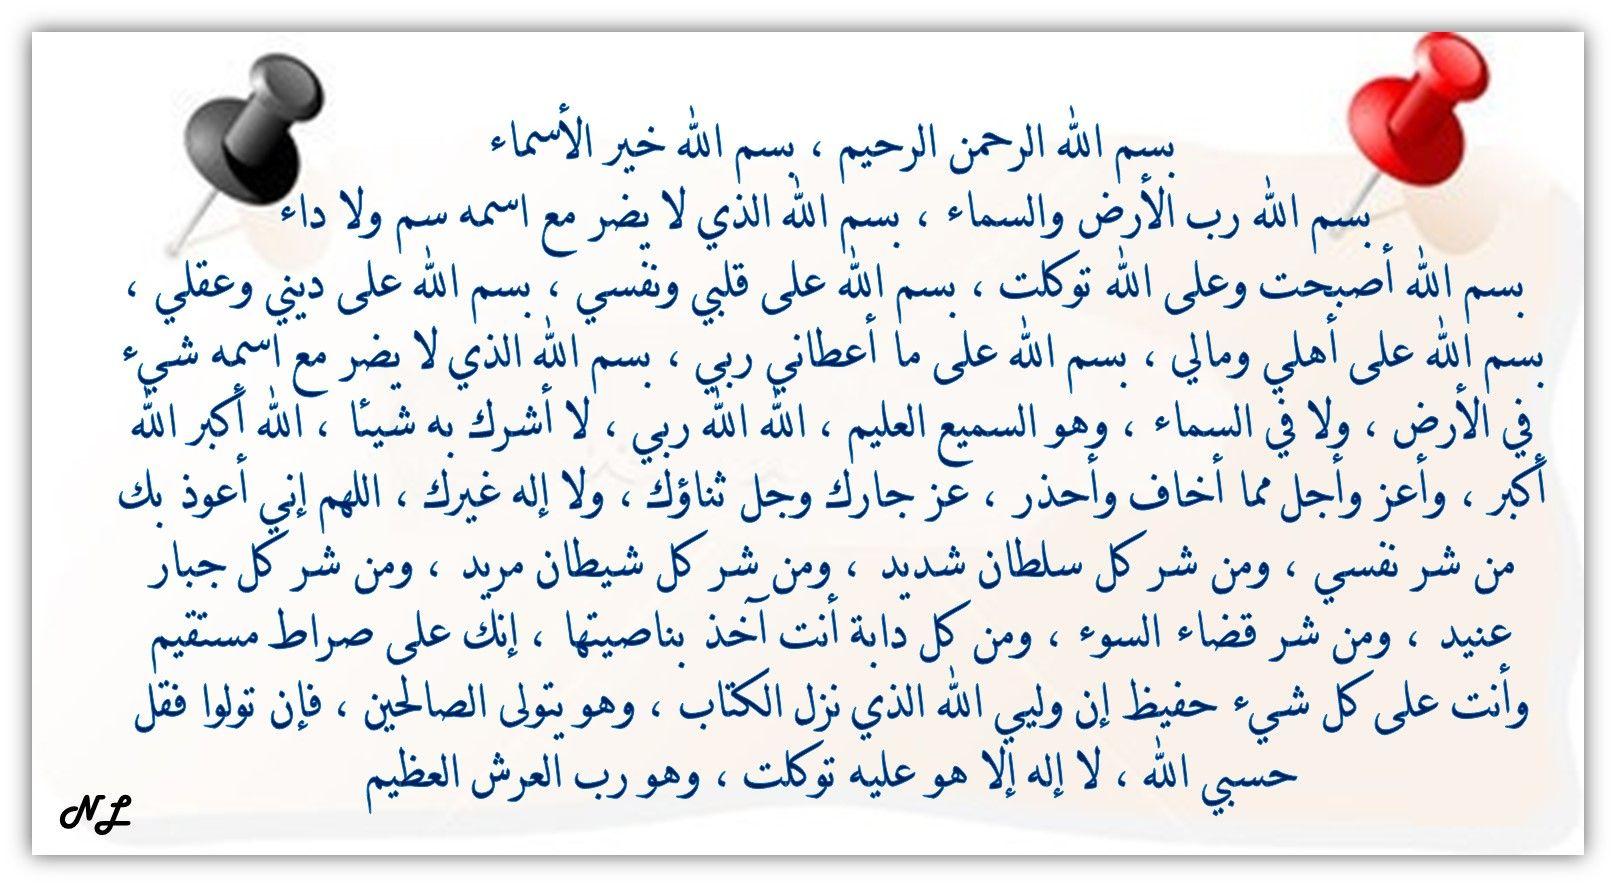 بسم الله الرحمن الرحيم بسم الله خير الأسماء Islamic Quotes Quotes Math